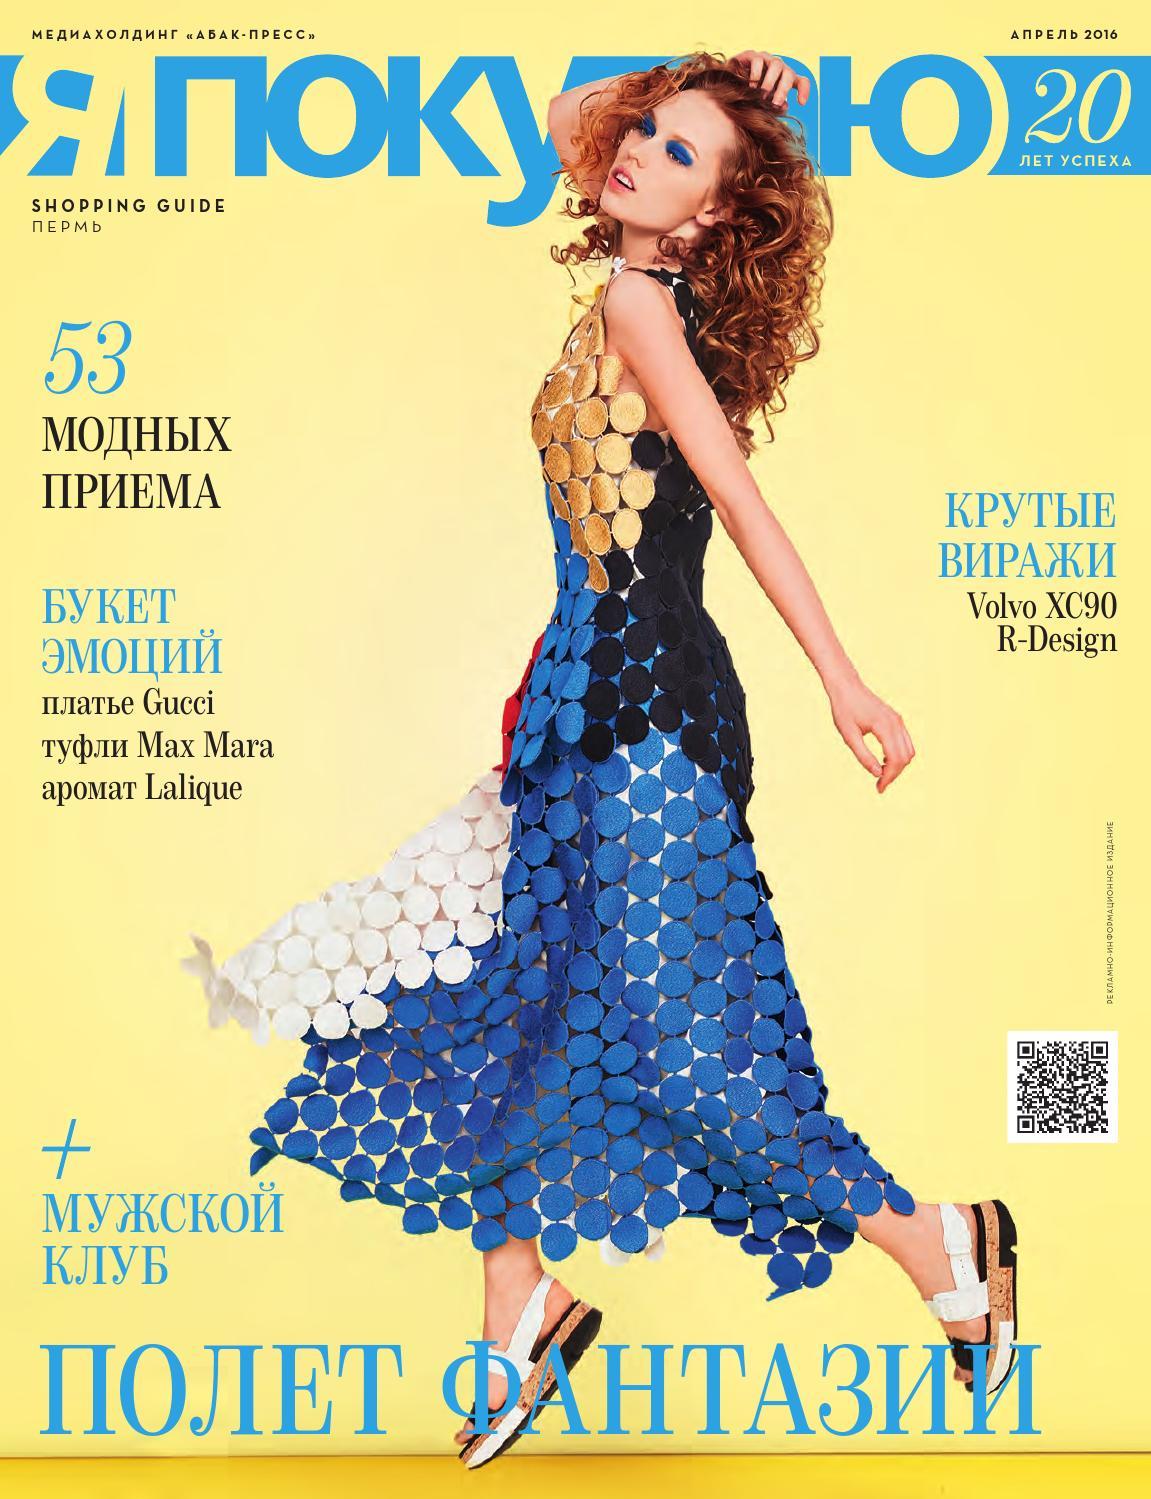 fe169f80ec1ece1 Shopping Guide «Я Покупаю. Пермь», апрель 2016 by Media Style - issuu